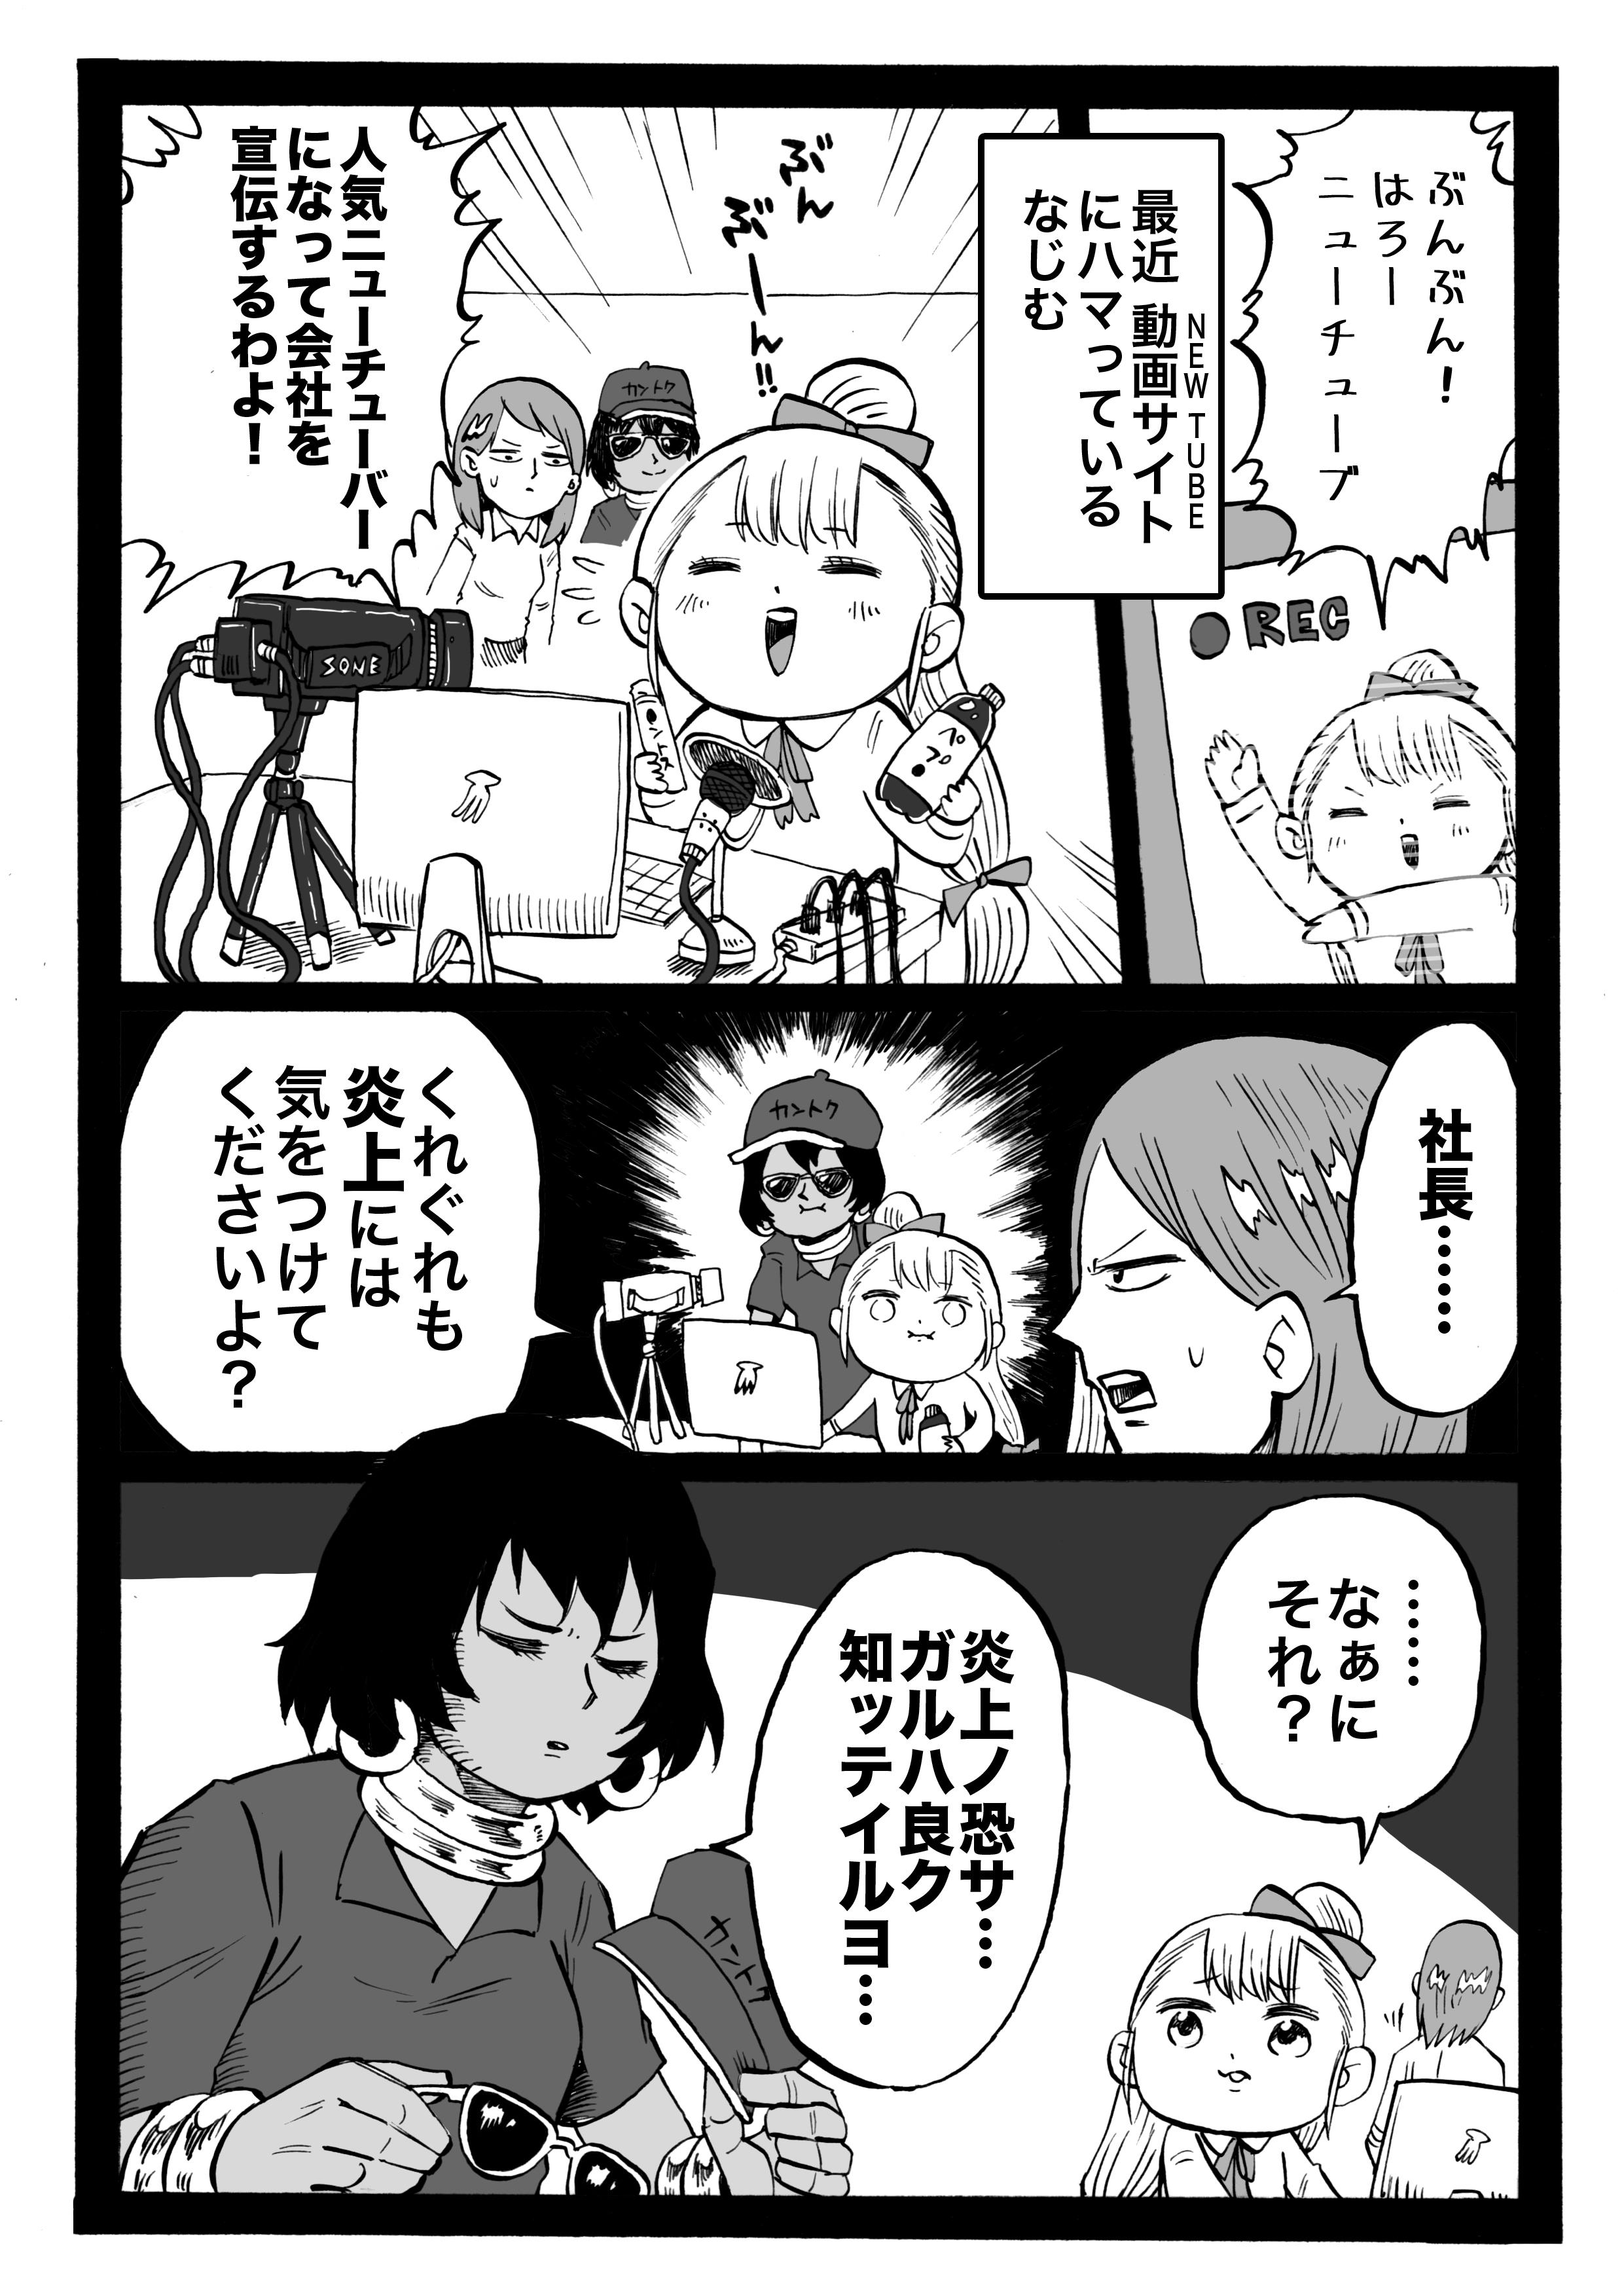 幼女社長(えんじょう)